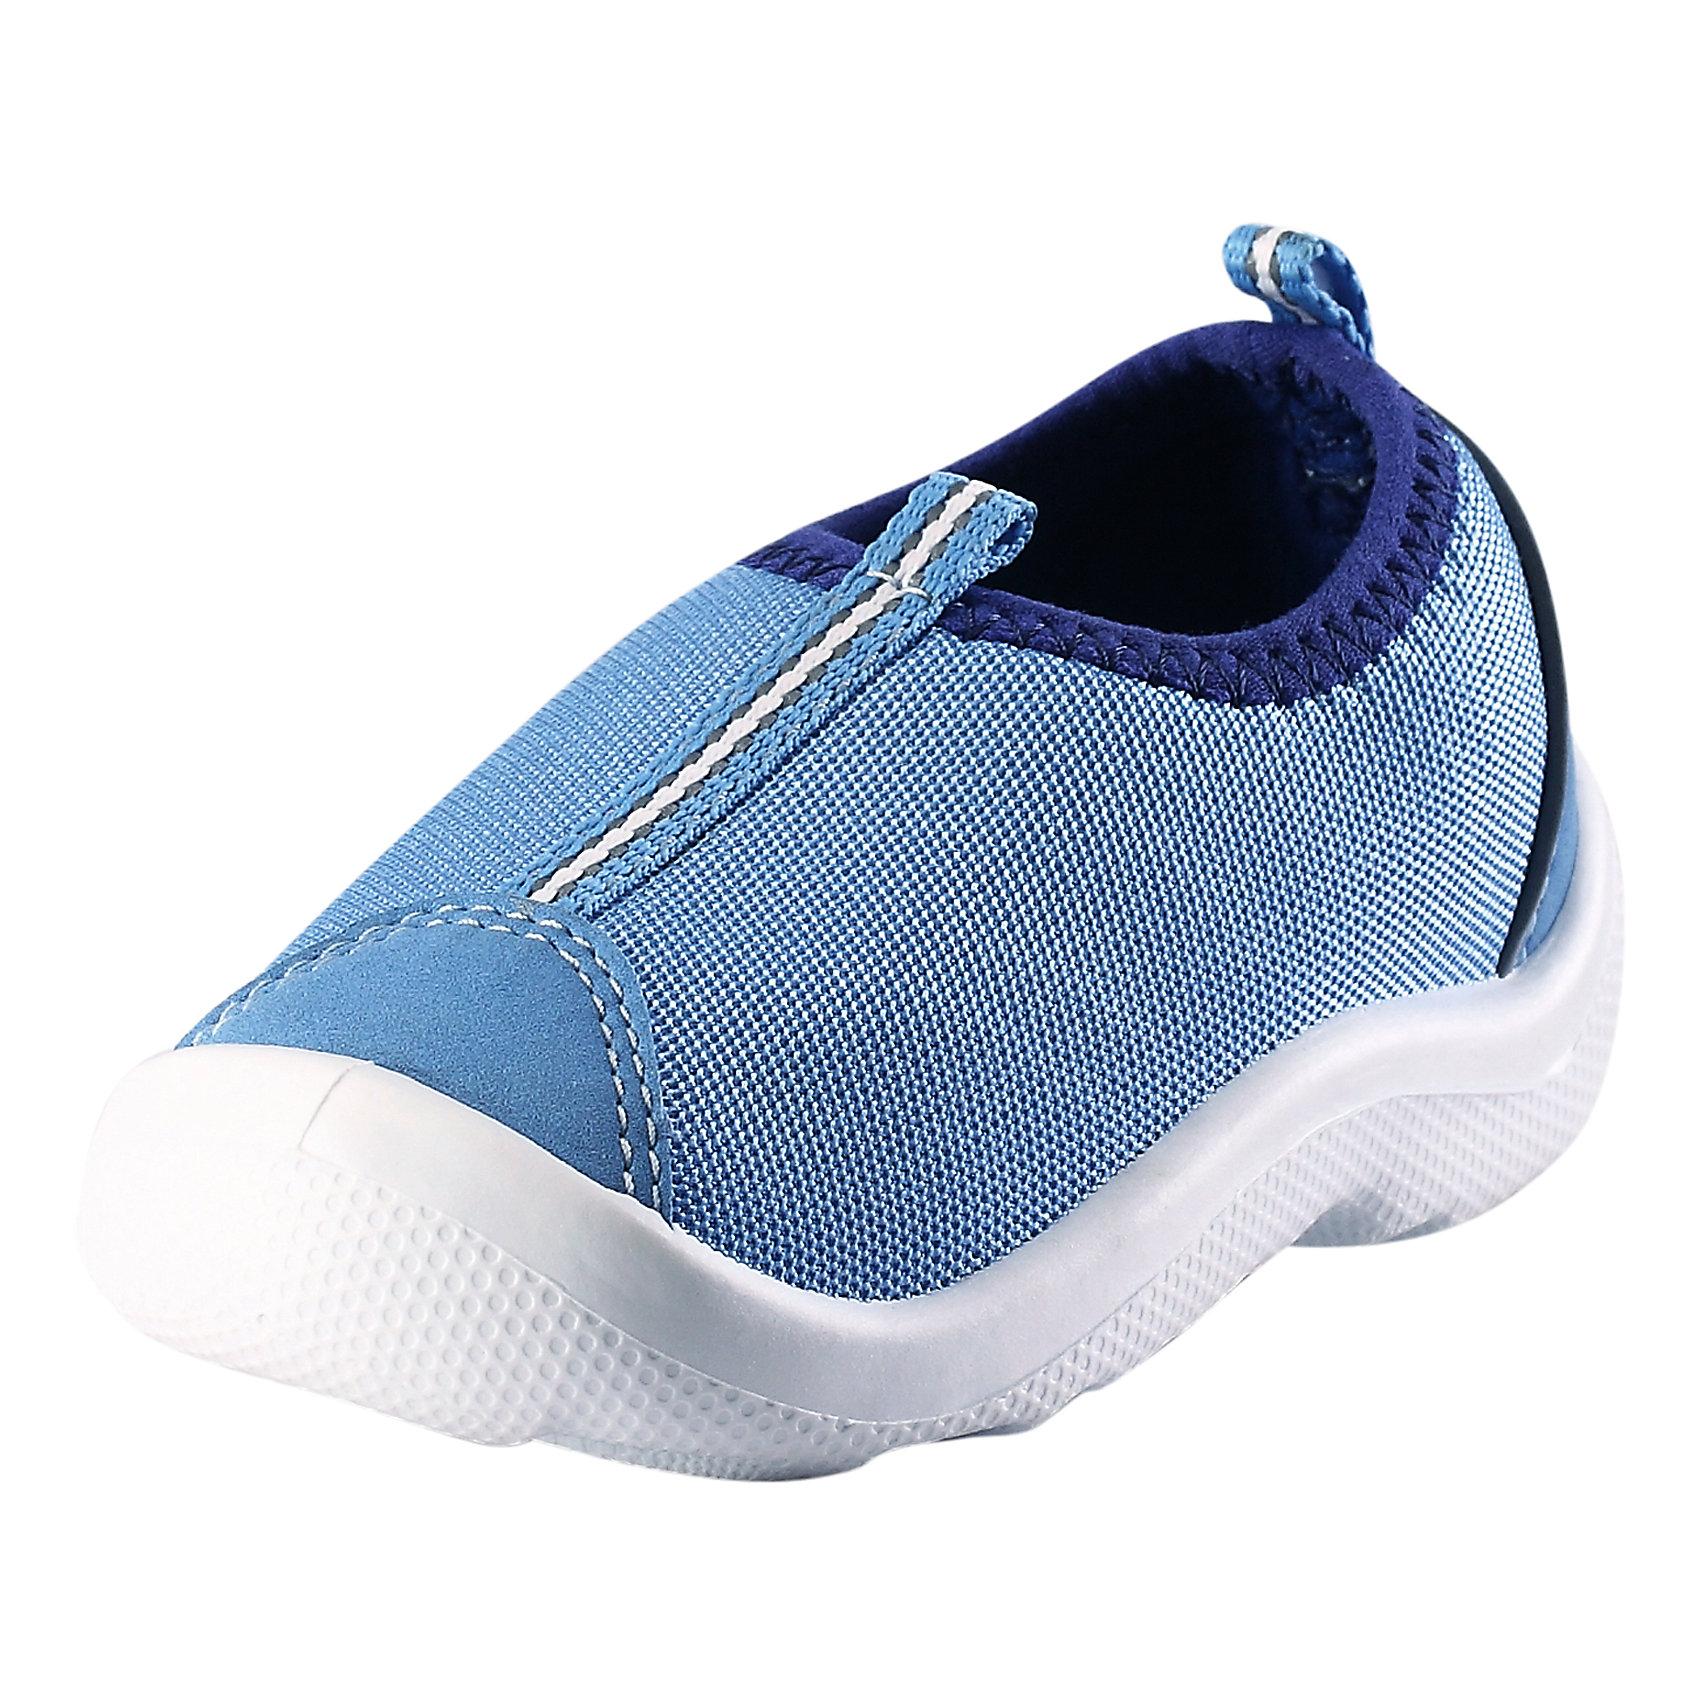 Кроссовки ReimaОбувь<br>Кроссовки  от финского бренда Reima<br>Обувь для малышей. Верх из текстиля. Простой в уходе материал верха защищает от брызг. Прочная, не оставляющая следов подошва обладает антистатическим эффектом. Немаркирующие подошвы. Подкладка из лайкры для удобства использования. Съемные стельки с рисунком Happy Fit, которые помогают определить размер. Легко надеваются на ноги. Можно стирать в машине при температуре 30 °C.<br>Состав:<br>Подошва: Термопластичная резина,  Верх: ПЭ<br><br>Уход:<br>Храните обувь в вертикальном положении при комнатной температуре. Сушить обувь всегда следует при комнатной температуре: вынув съемные стельки. Стельки следует время от времени заменять на новые. Налипшую грязь можно счищать щеткой или влажной тряпкой. Перед использованием обувь рекомендуется обрабатывать специальными защитными средствами.<br><br>Ширина мм: 227<br>Глубина мм: 145<br>Высота мм: 124<br>Вес г: 325<br>Цвет: синий<br>Возраст от месяцев: 9<br>Возраст до месяцев: 12<br>Пол: Унисекс<br>Возраст: Детский<br>Размер: 20,26,27,21,22,23,24,25<br>SKU: 5267277